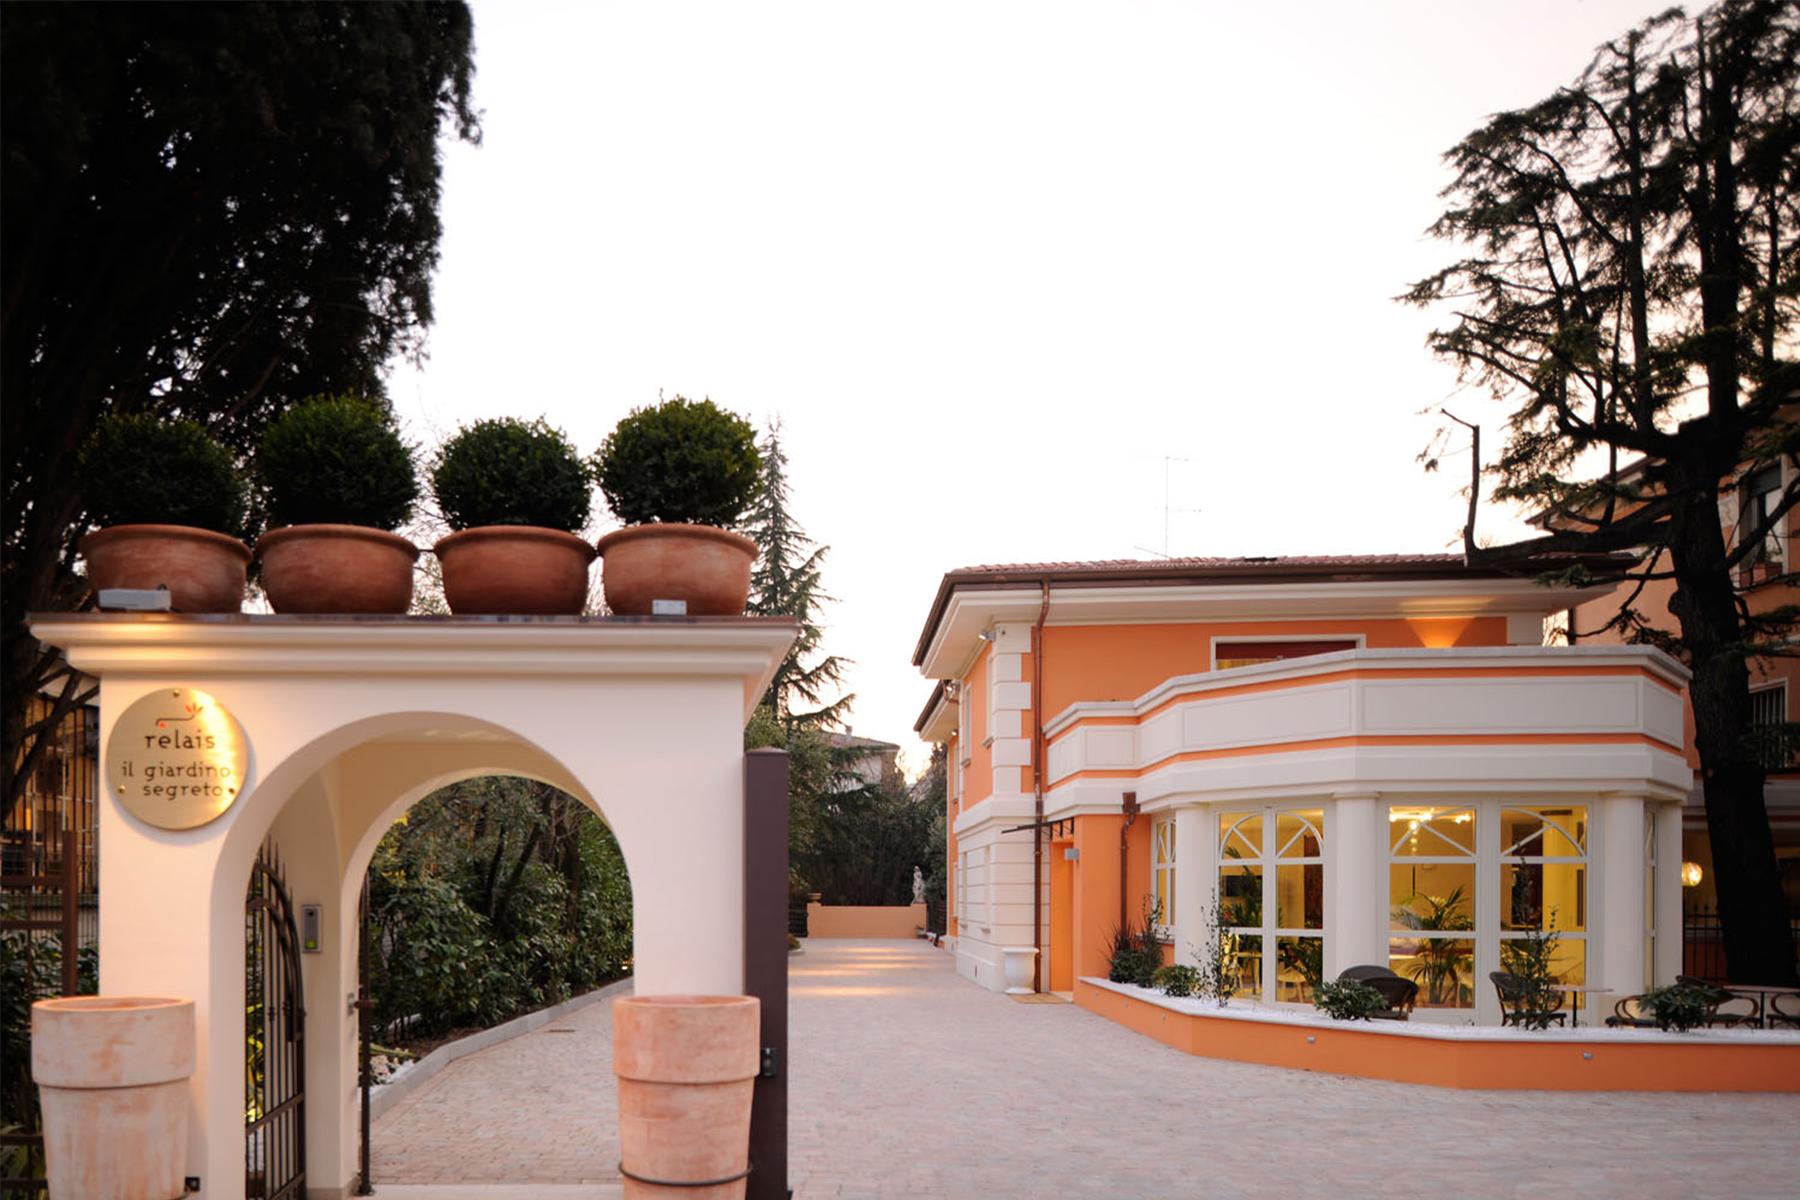 Albergo in Vendita a Desenzano Del Garda: 5 locali, 750 mq - Foto 2